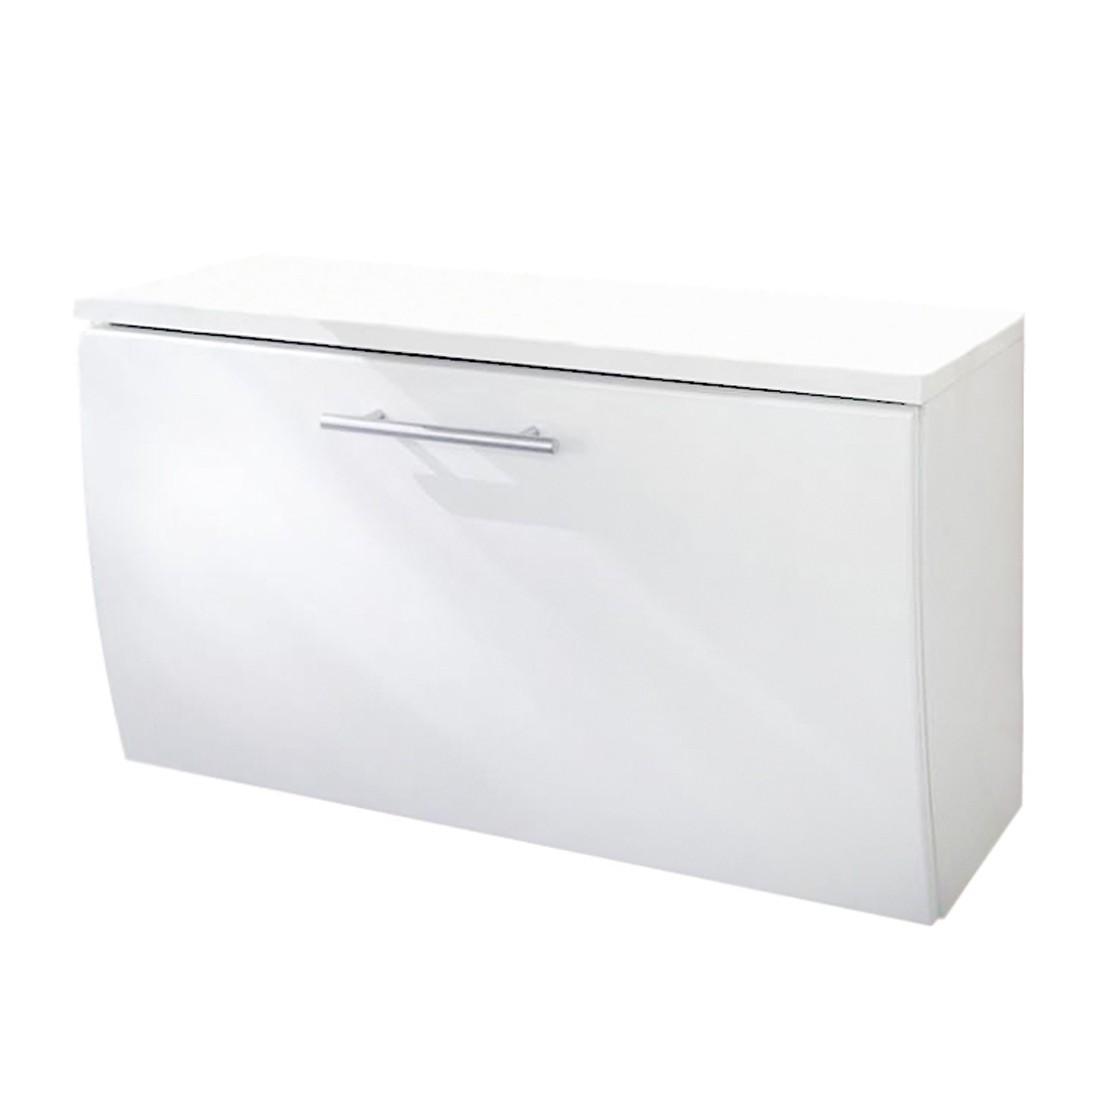 Waschbeckenunterschrank Tara - Weiß